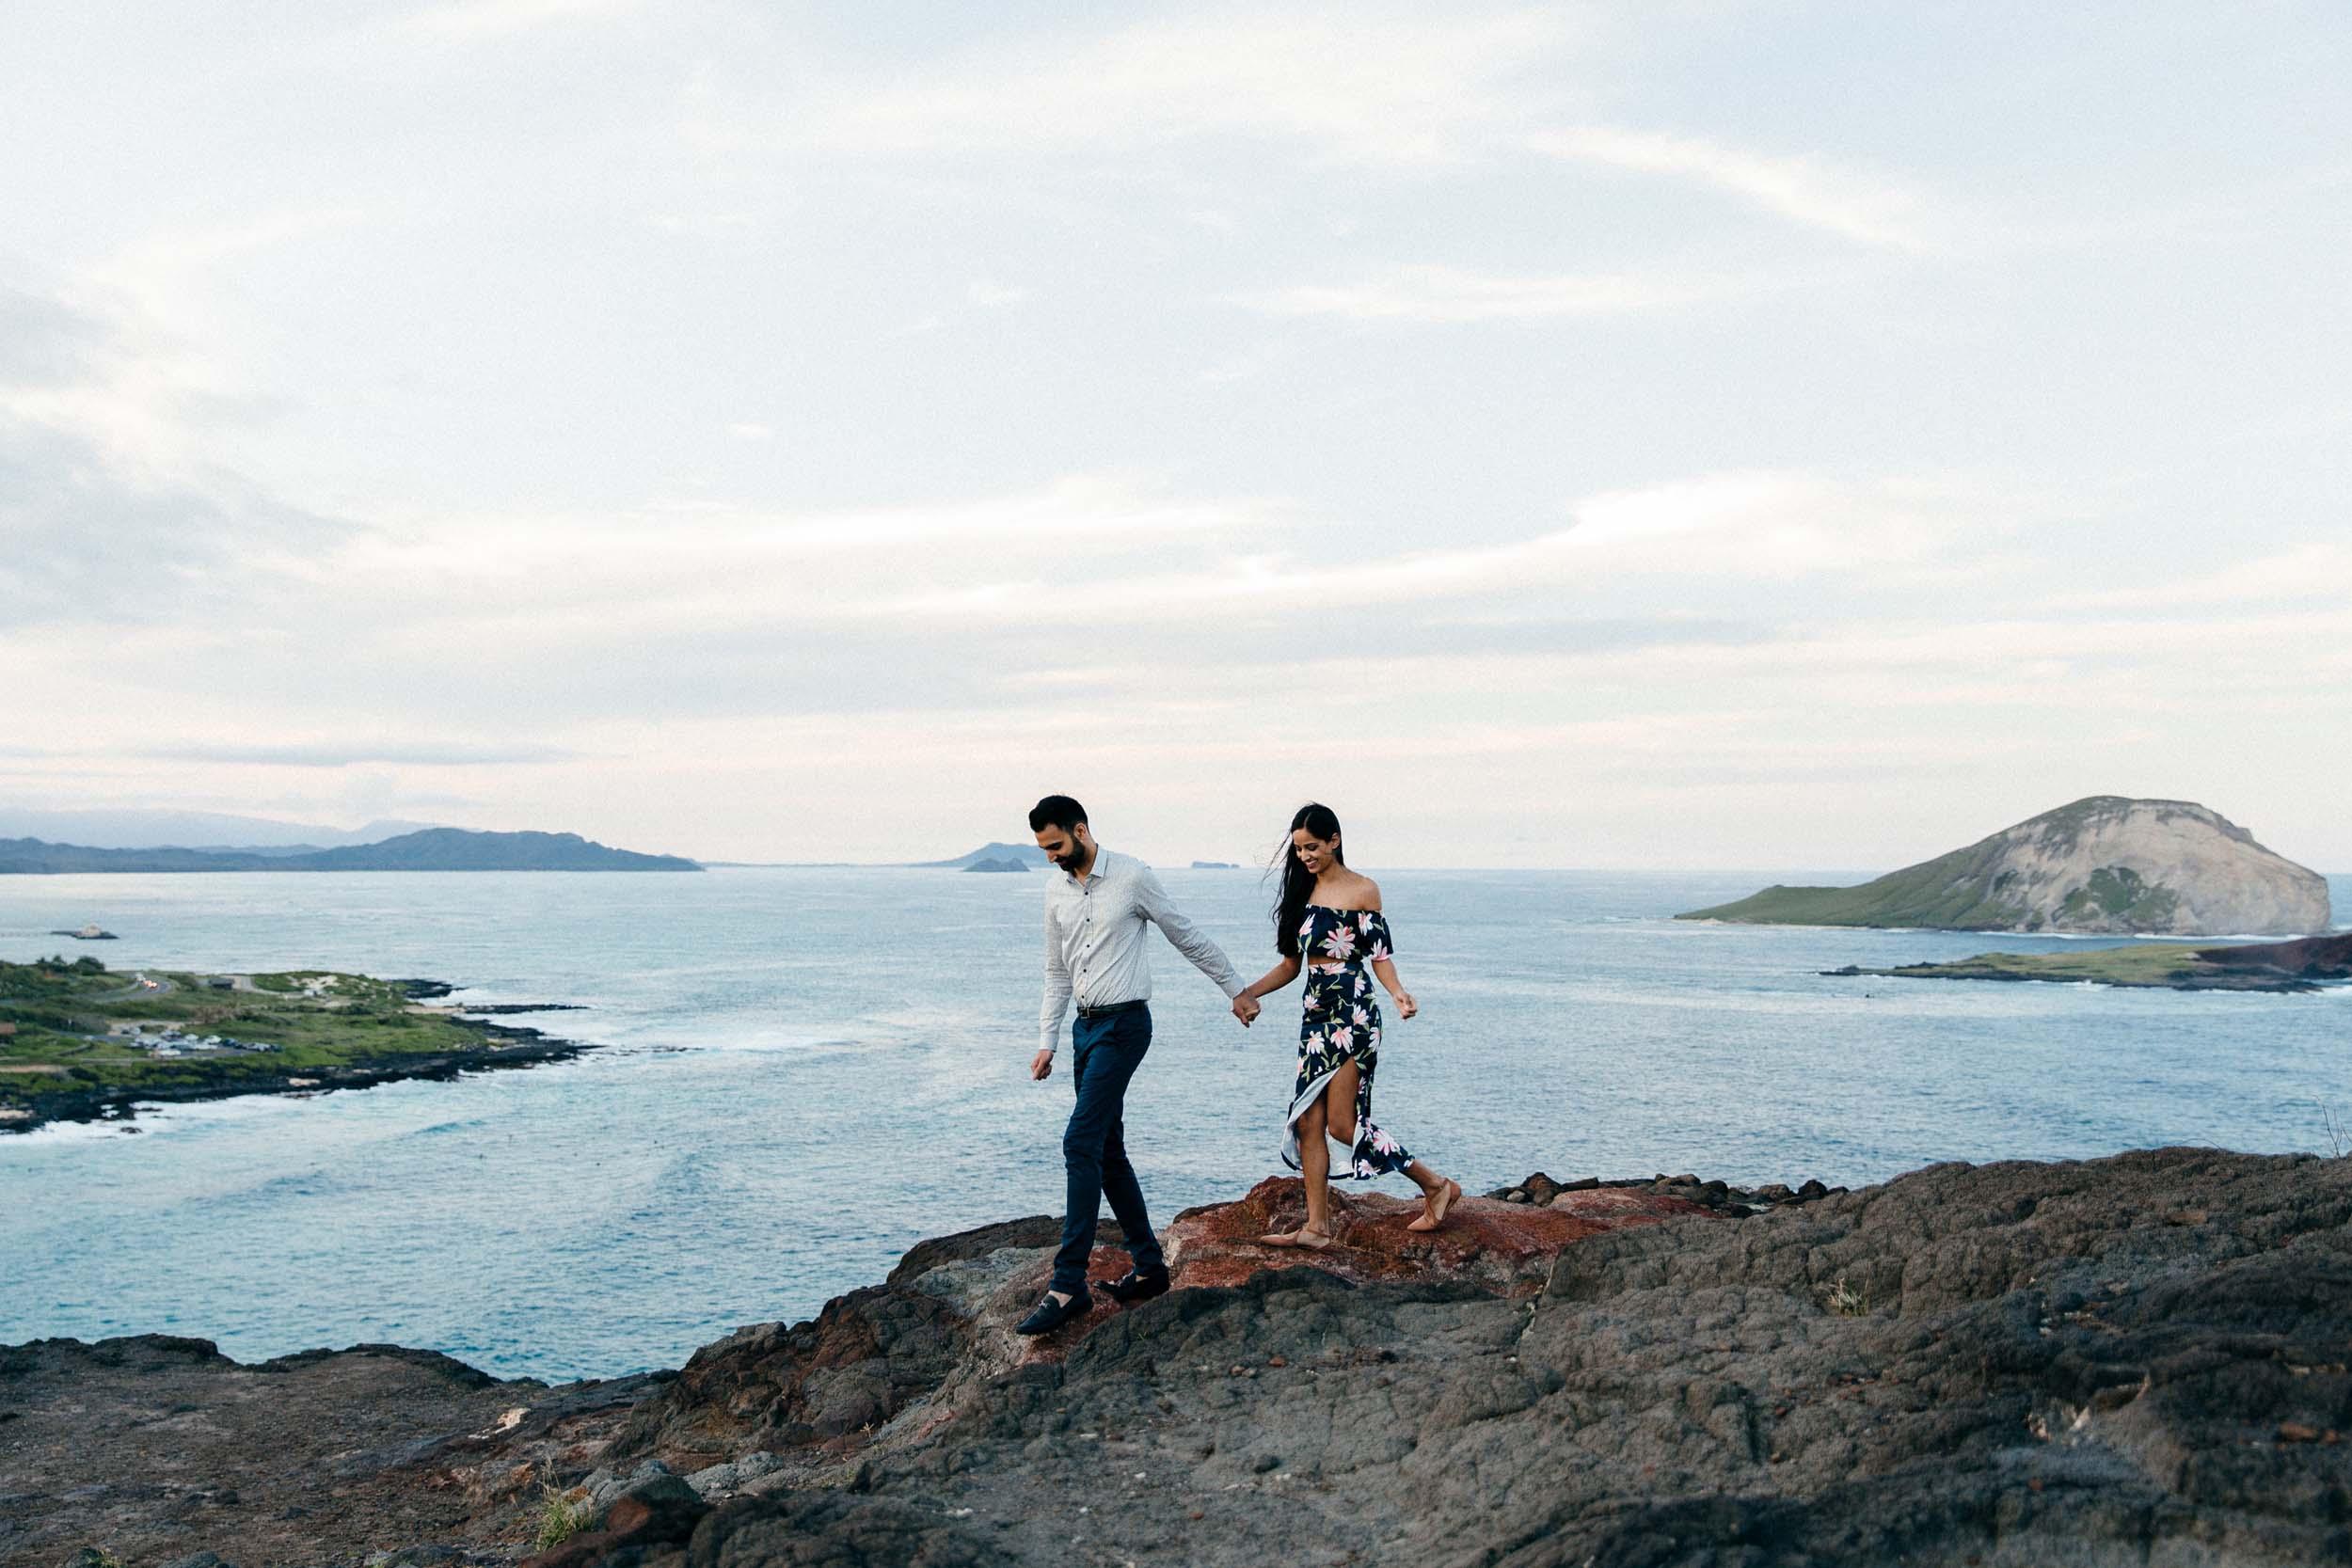 Flytographers Reese & Renee